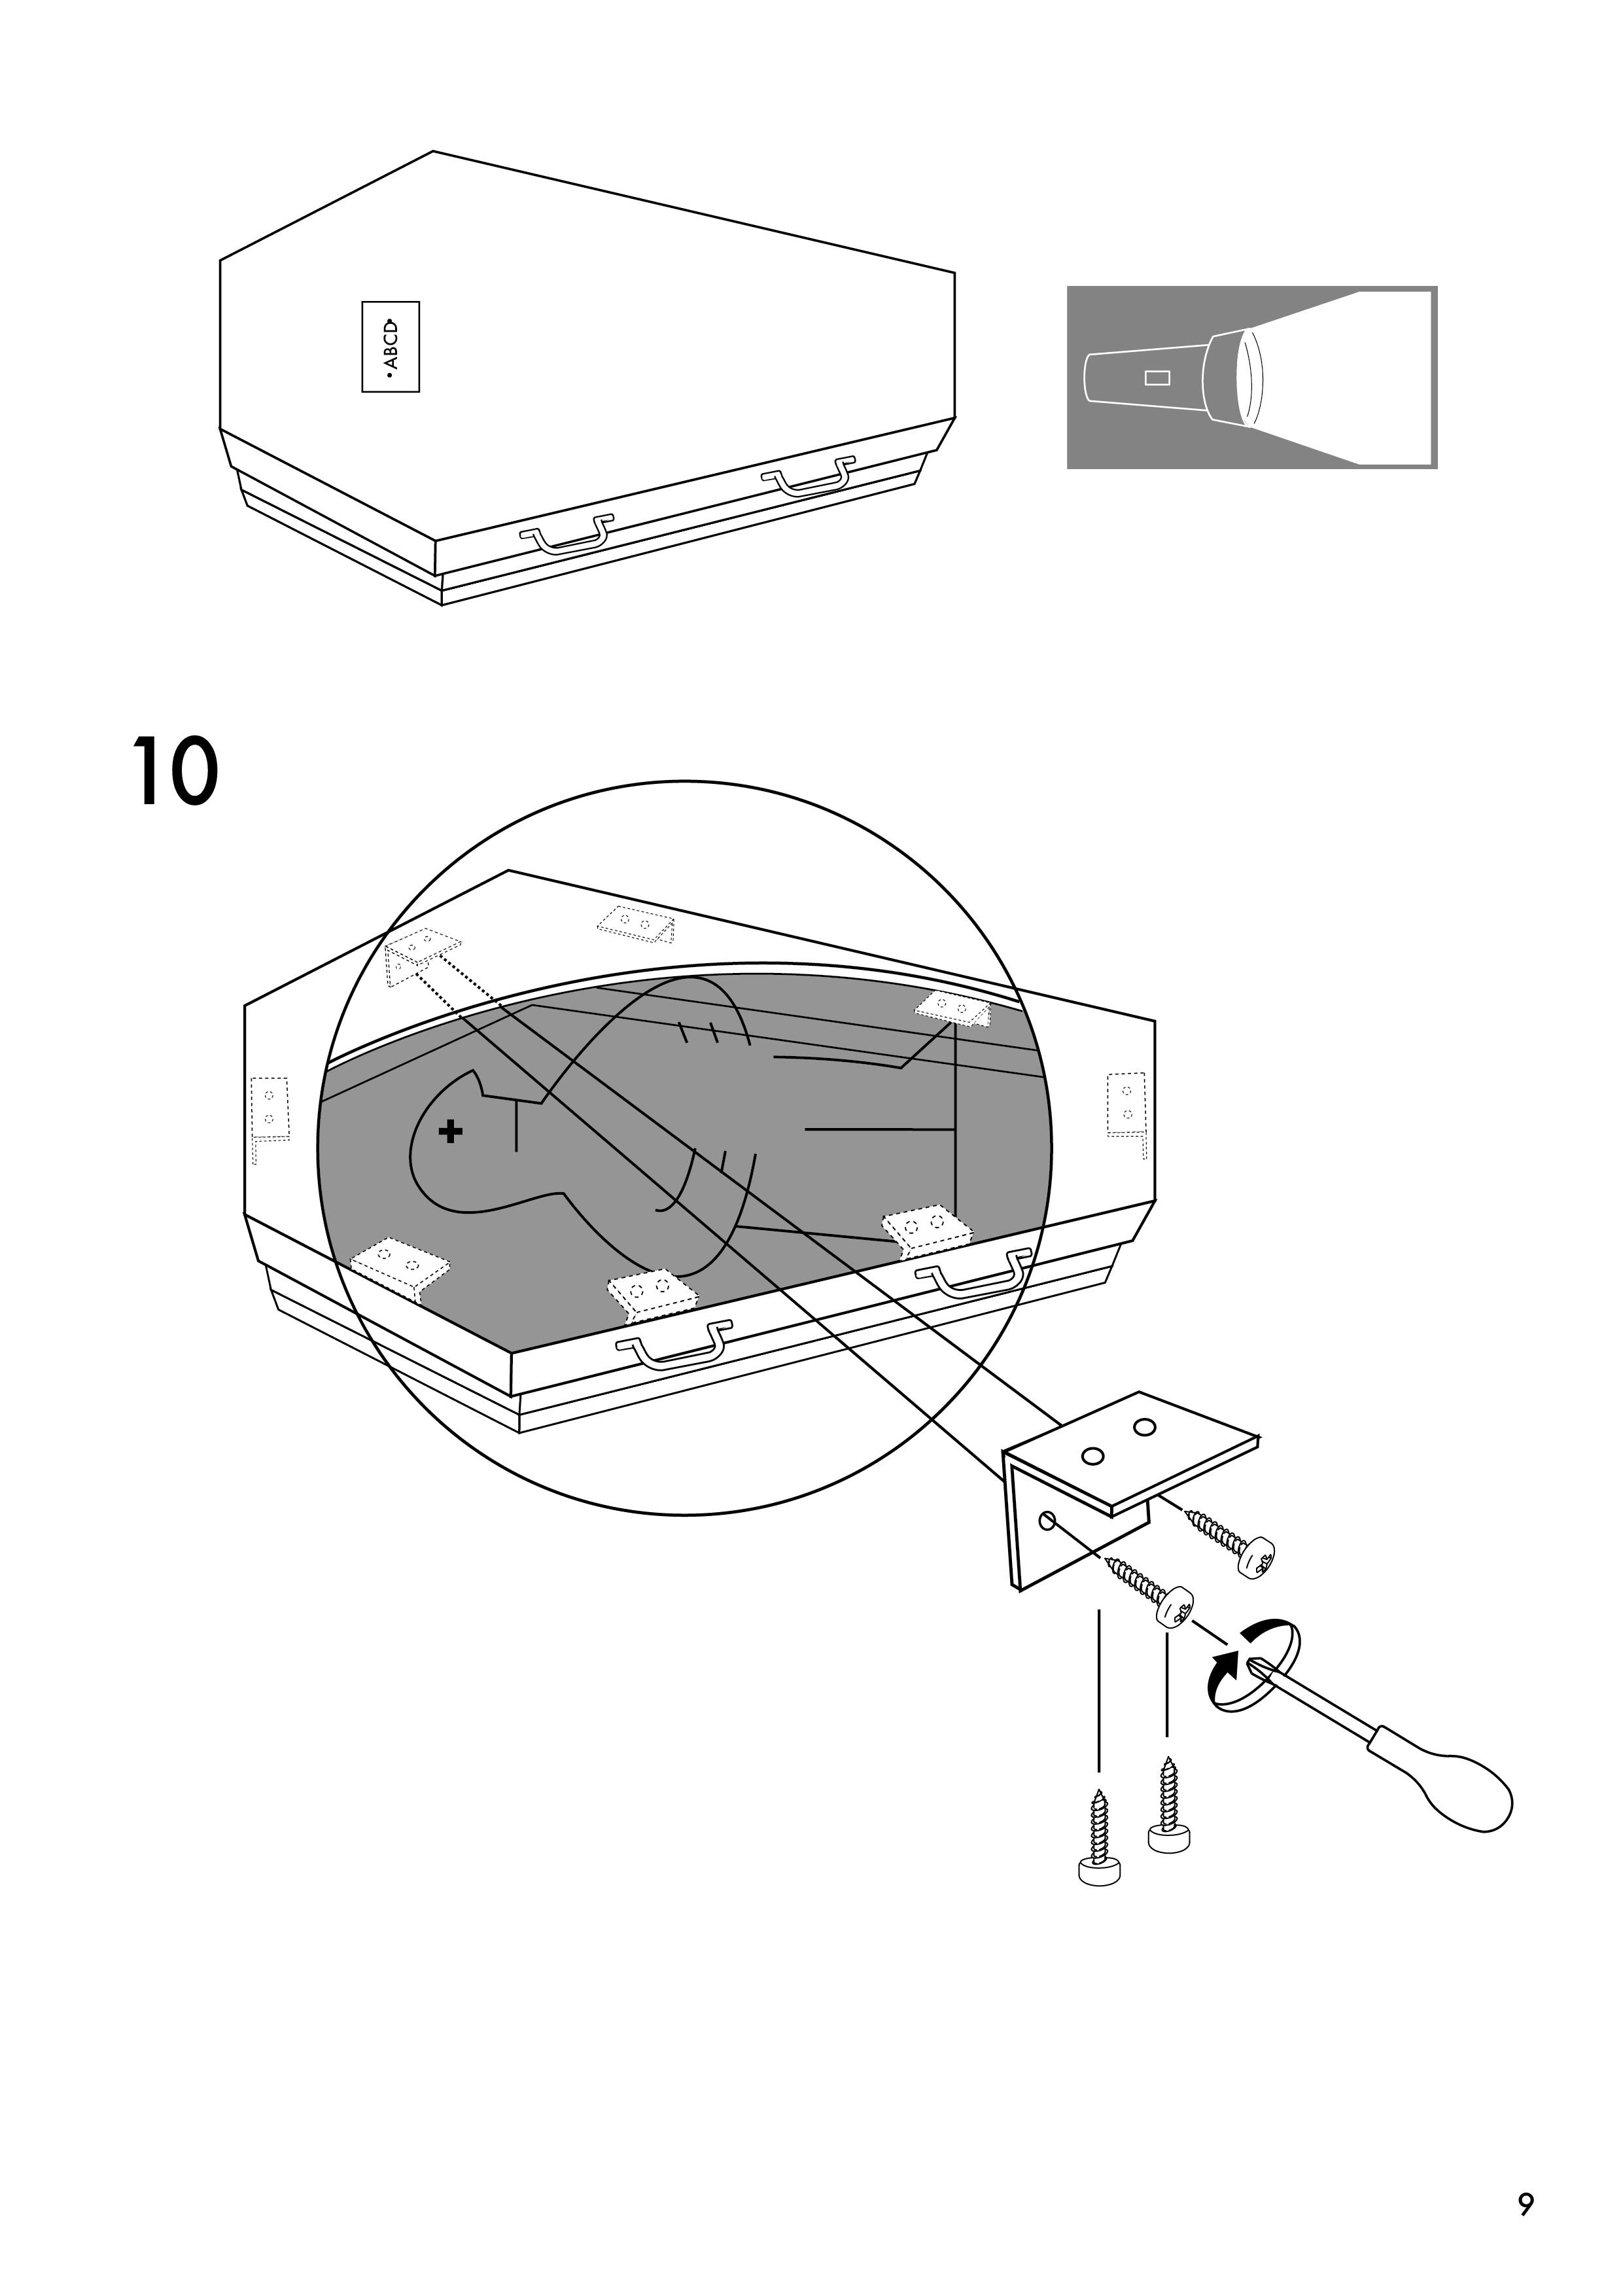 IKEA CATALOGUE 2cs2V2-10.jpg